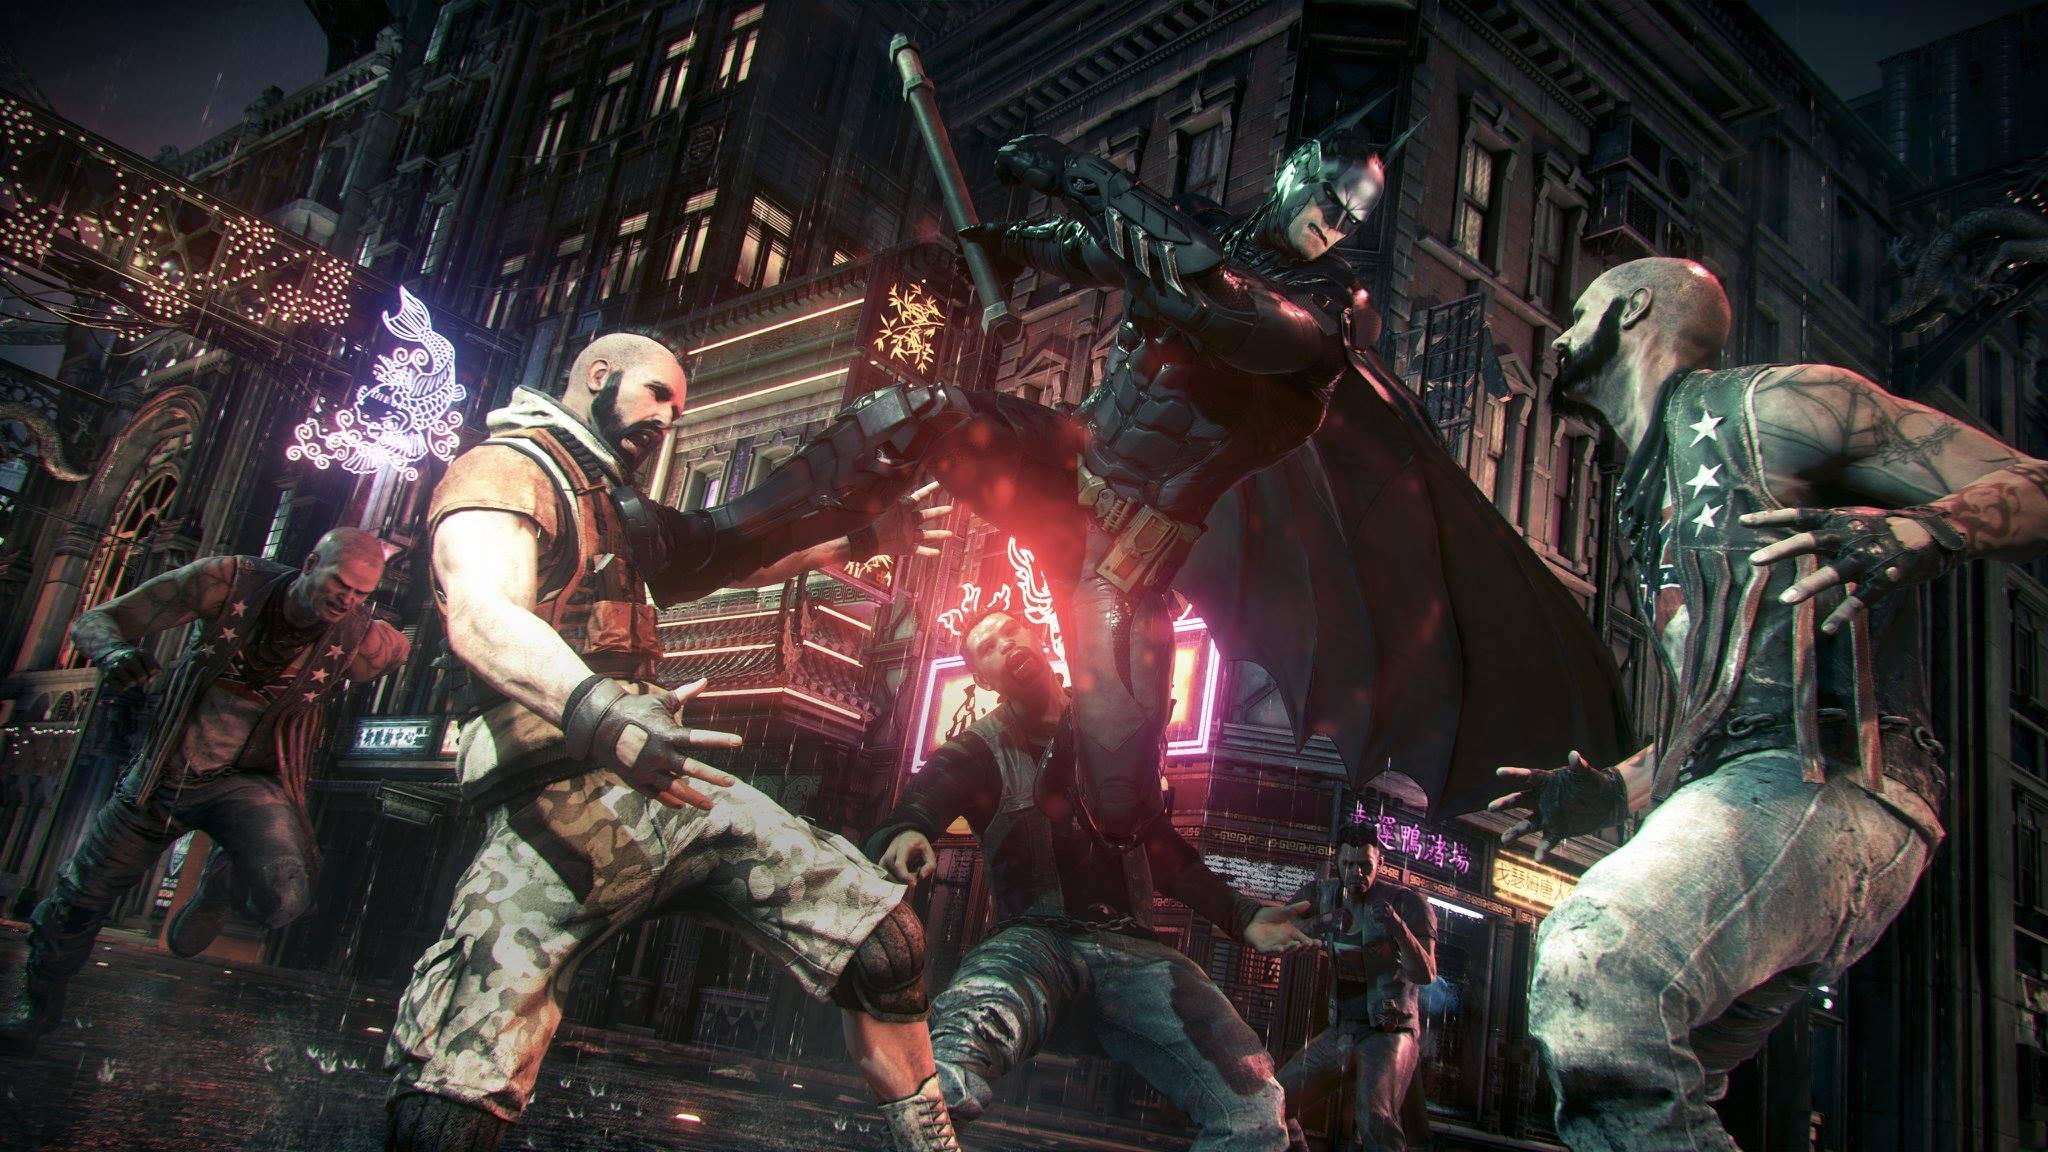 Новые скриншоты Batman: Arkham Knight. - Изображение 1